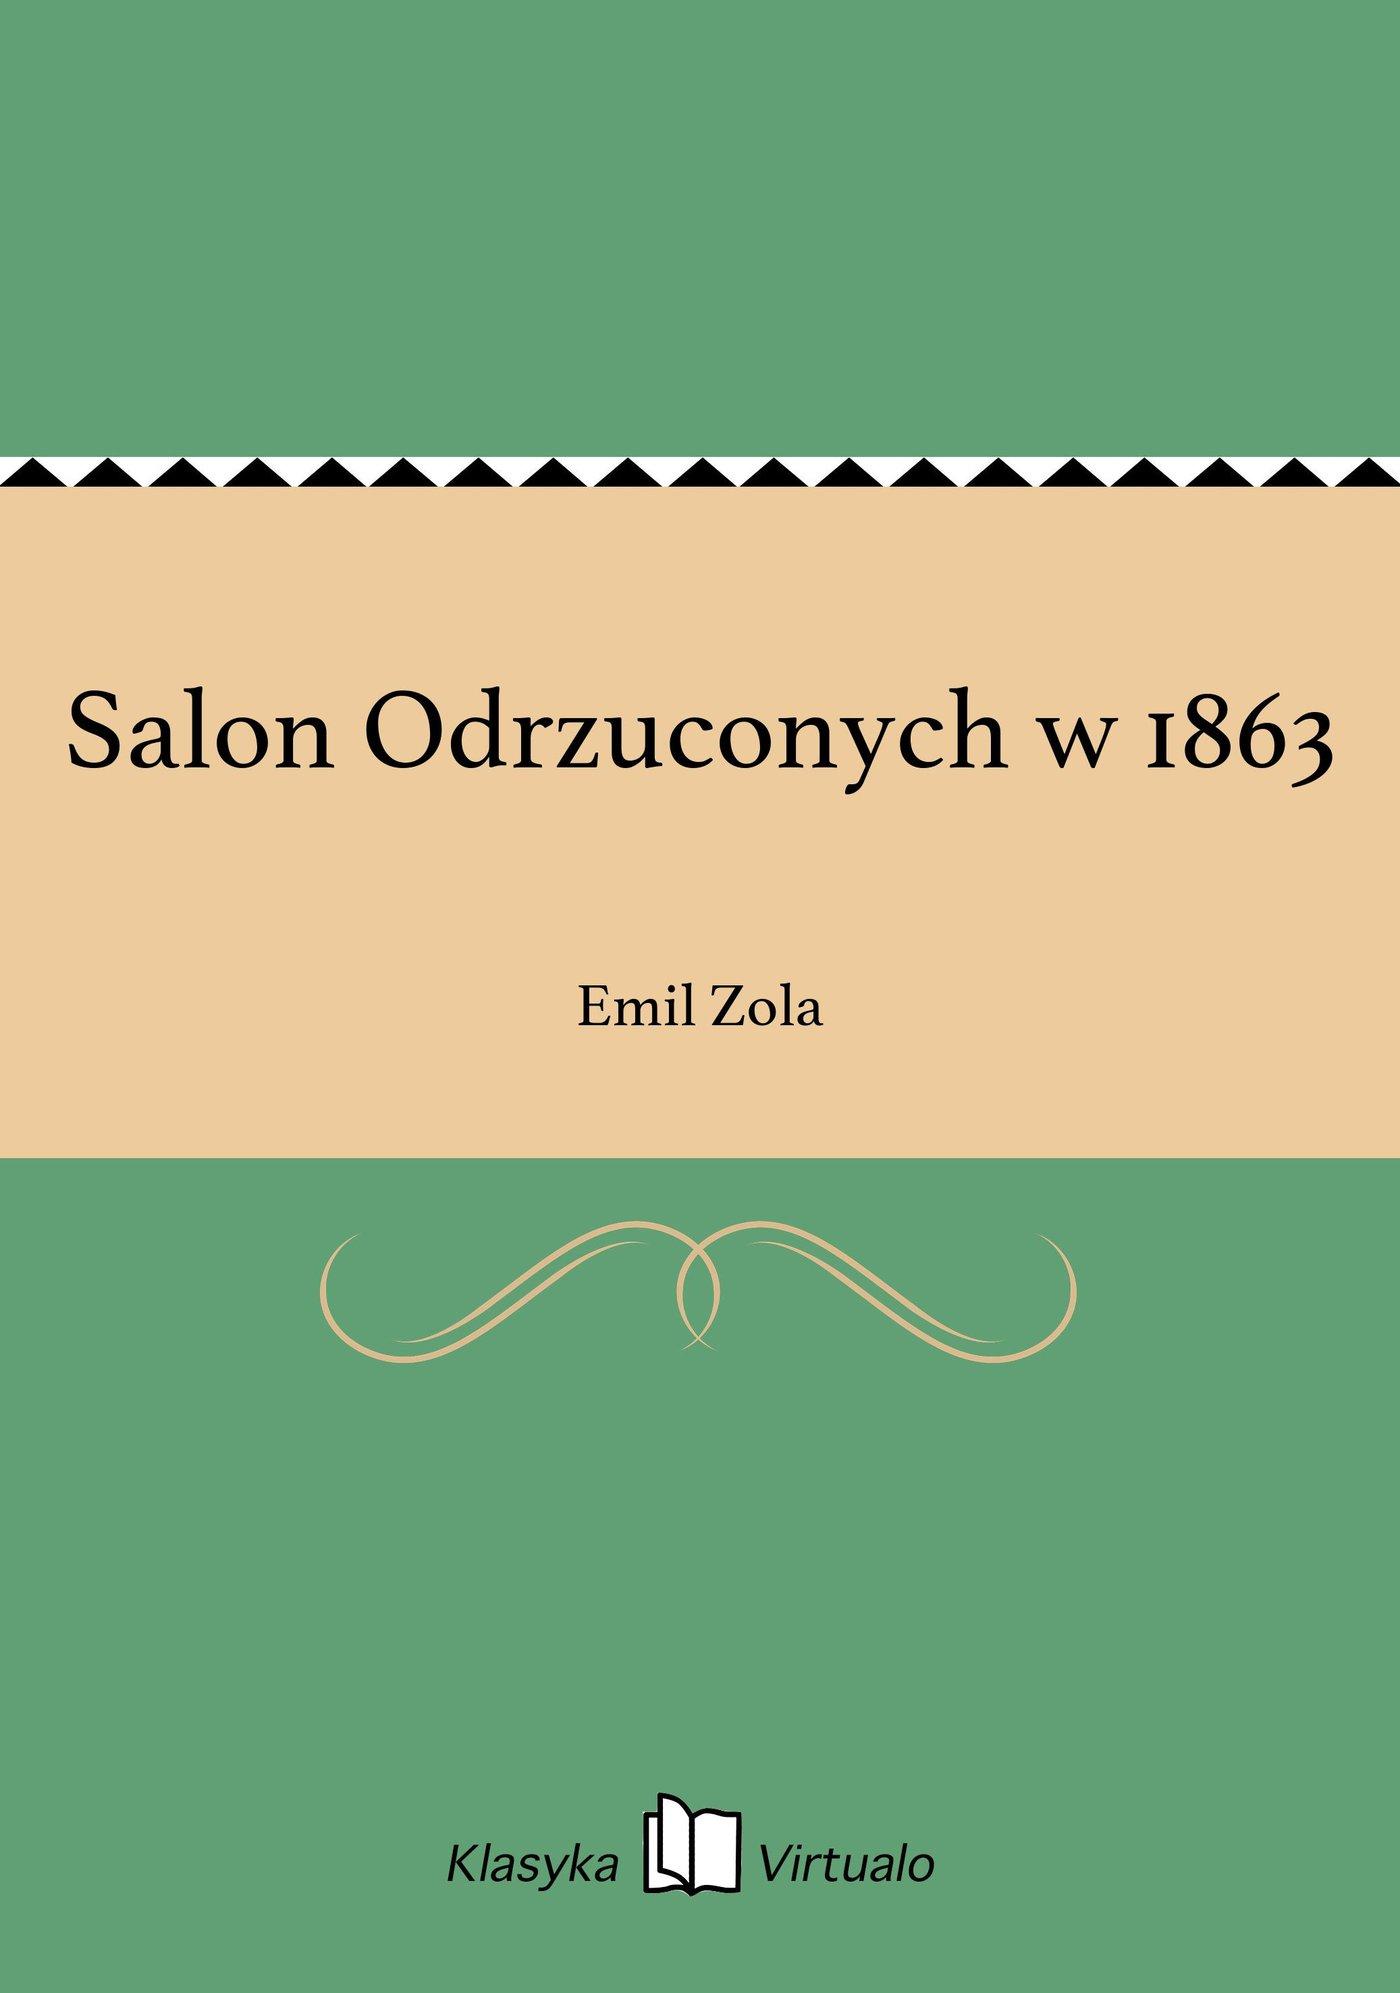 Salon Odrzuconych w 1863 - Ebook (Książka na Kindle) do pobrania w formacie MOBI